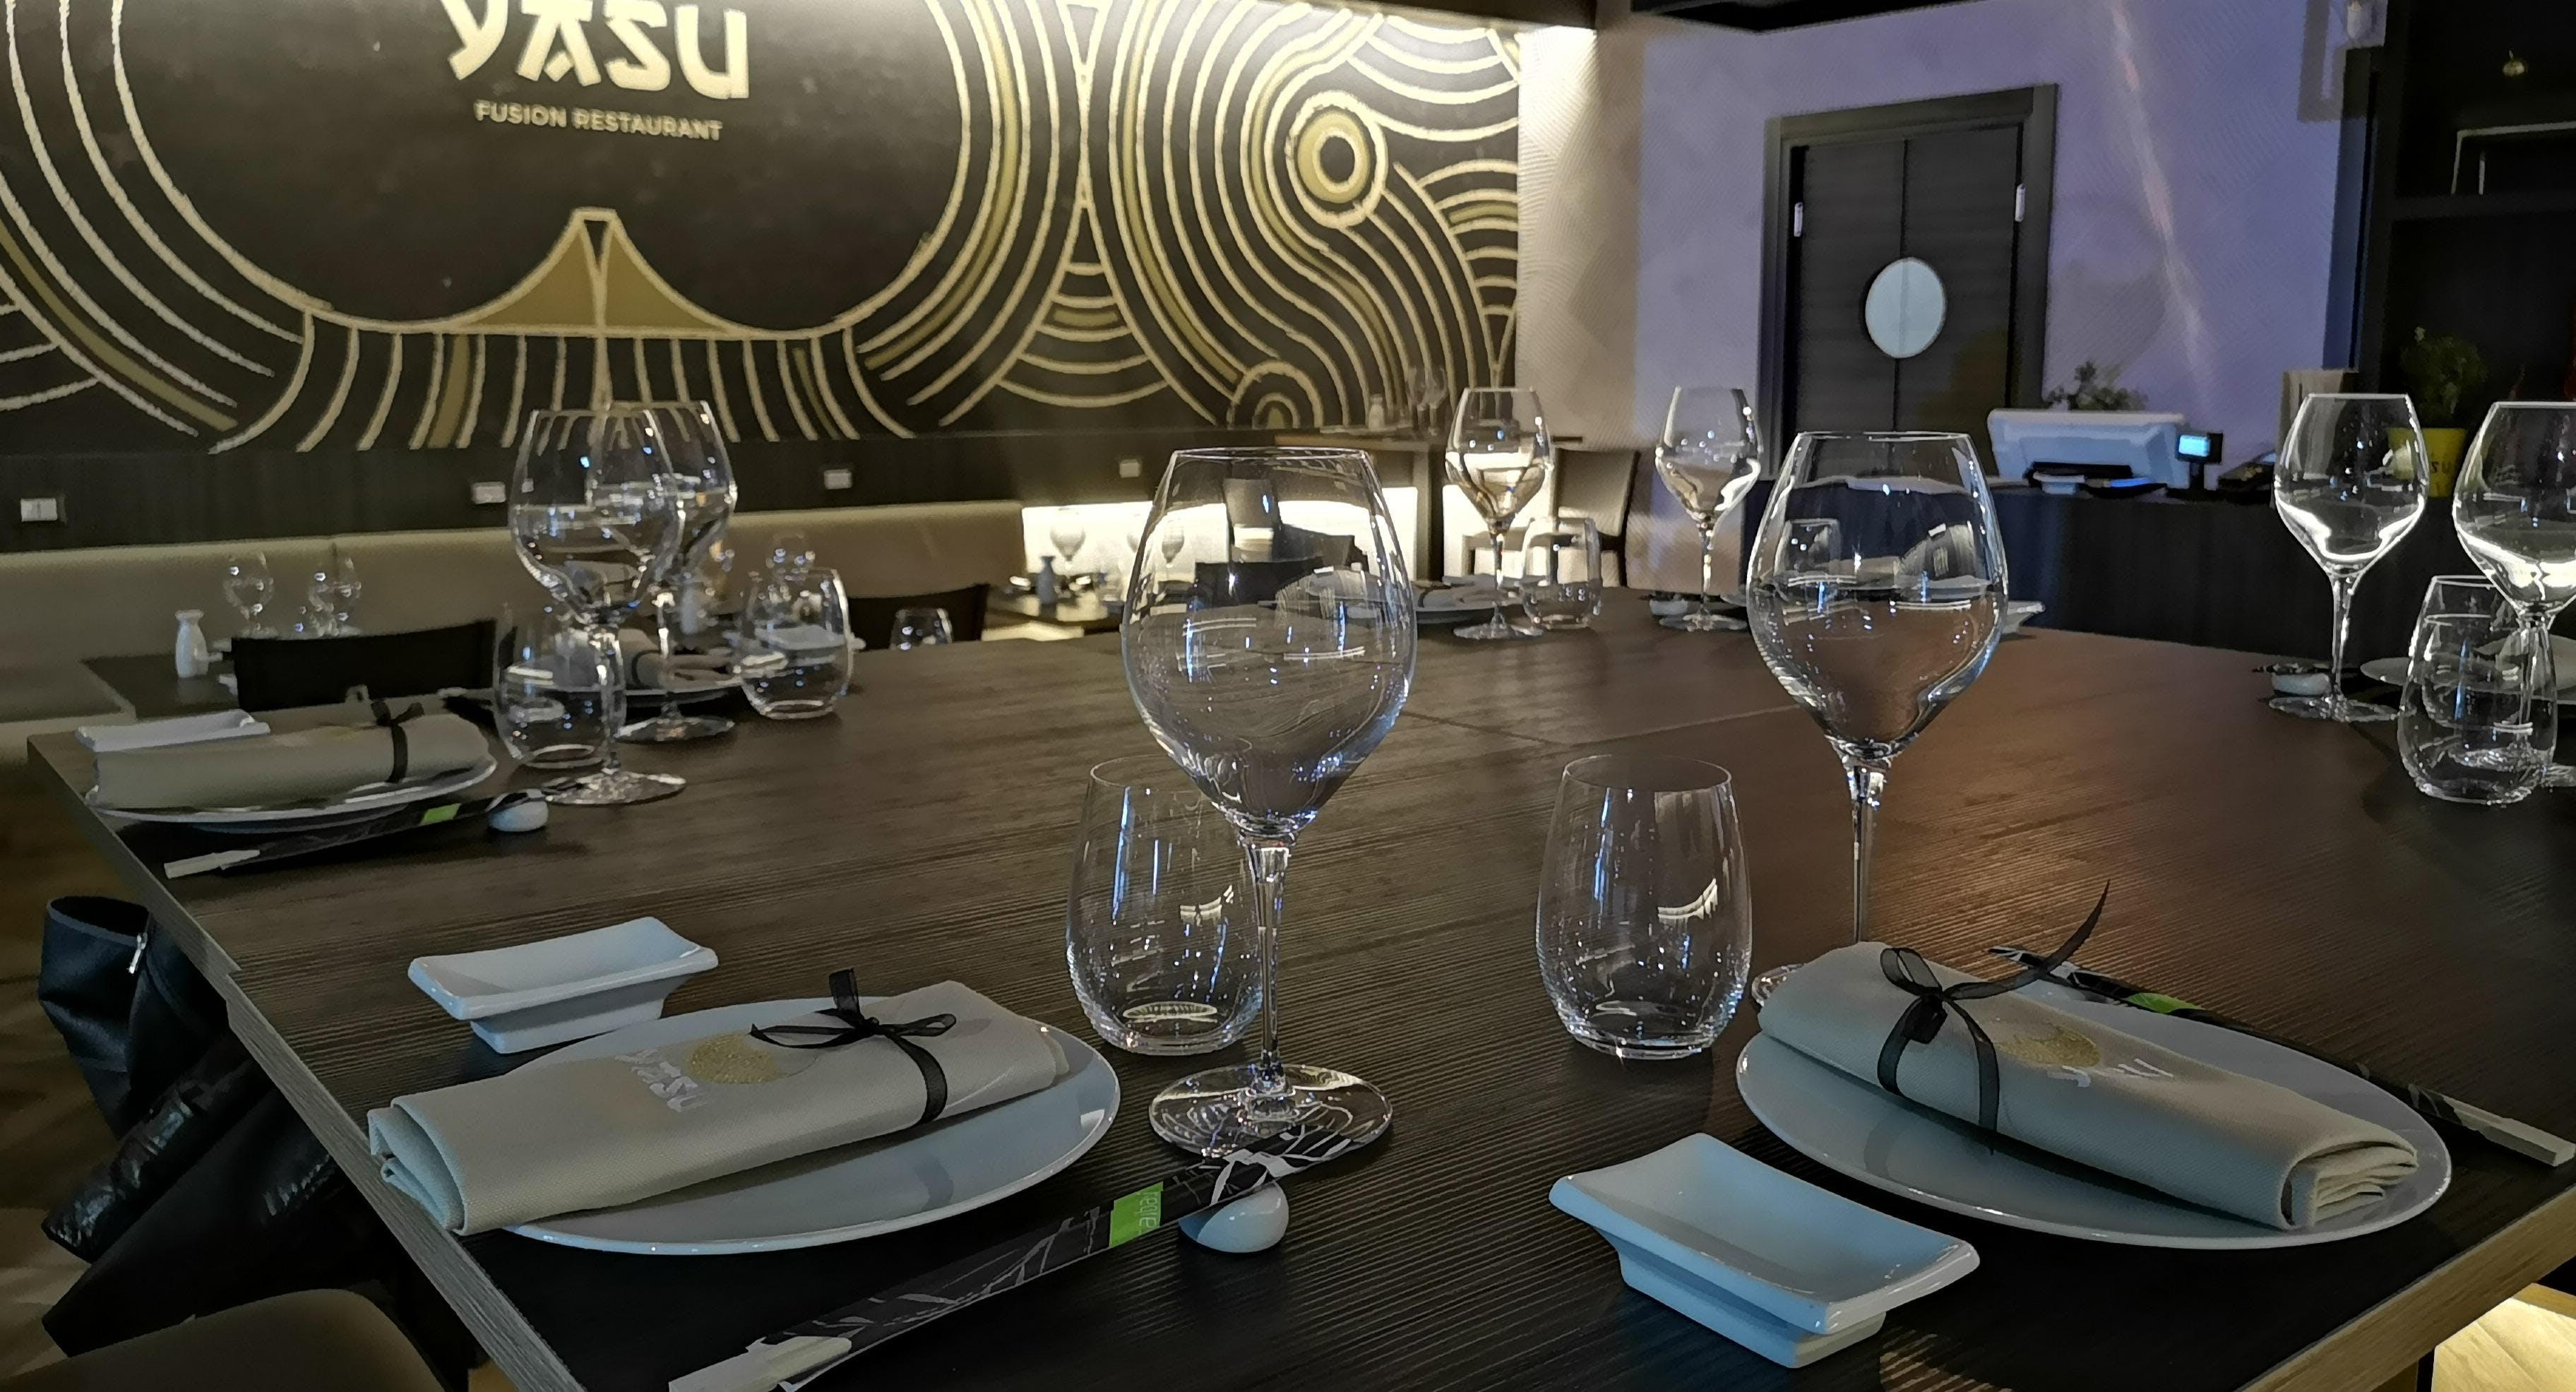 Yasu Restaurant Japanese